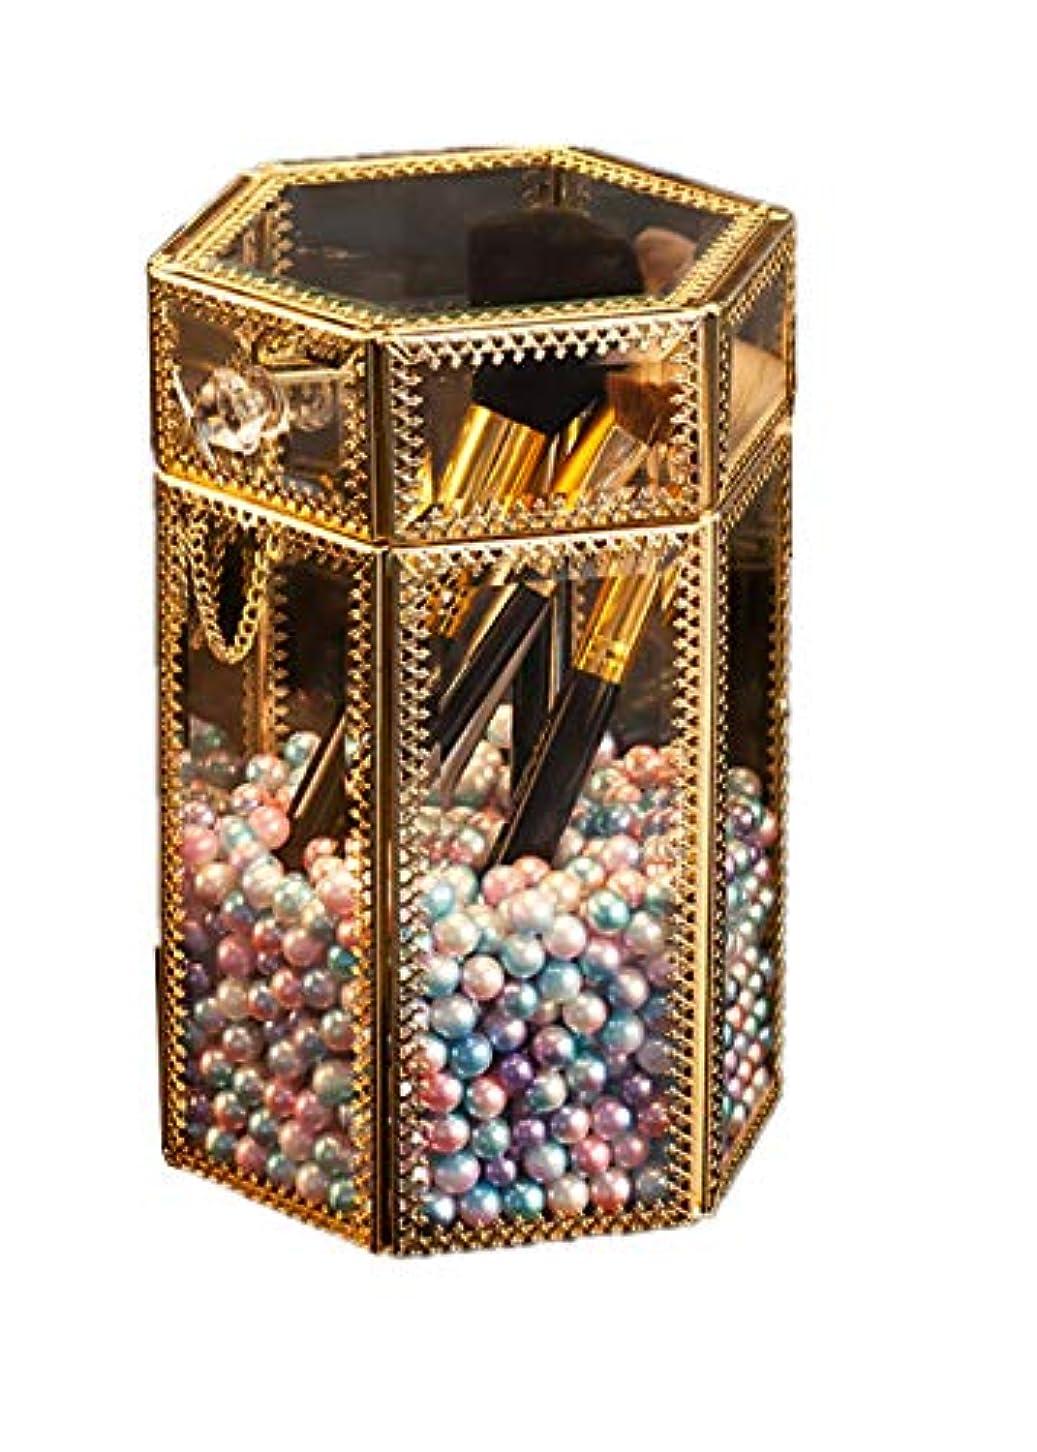 書誌定規政府メイクブラシホルダー ヴィンテージガラス製クリア六角メイクブラシ収納ボックス 人魚姫色の真珠付き